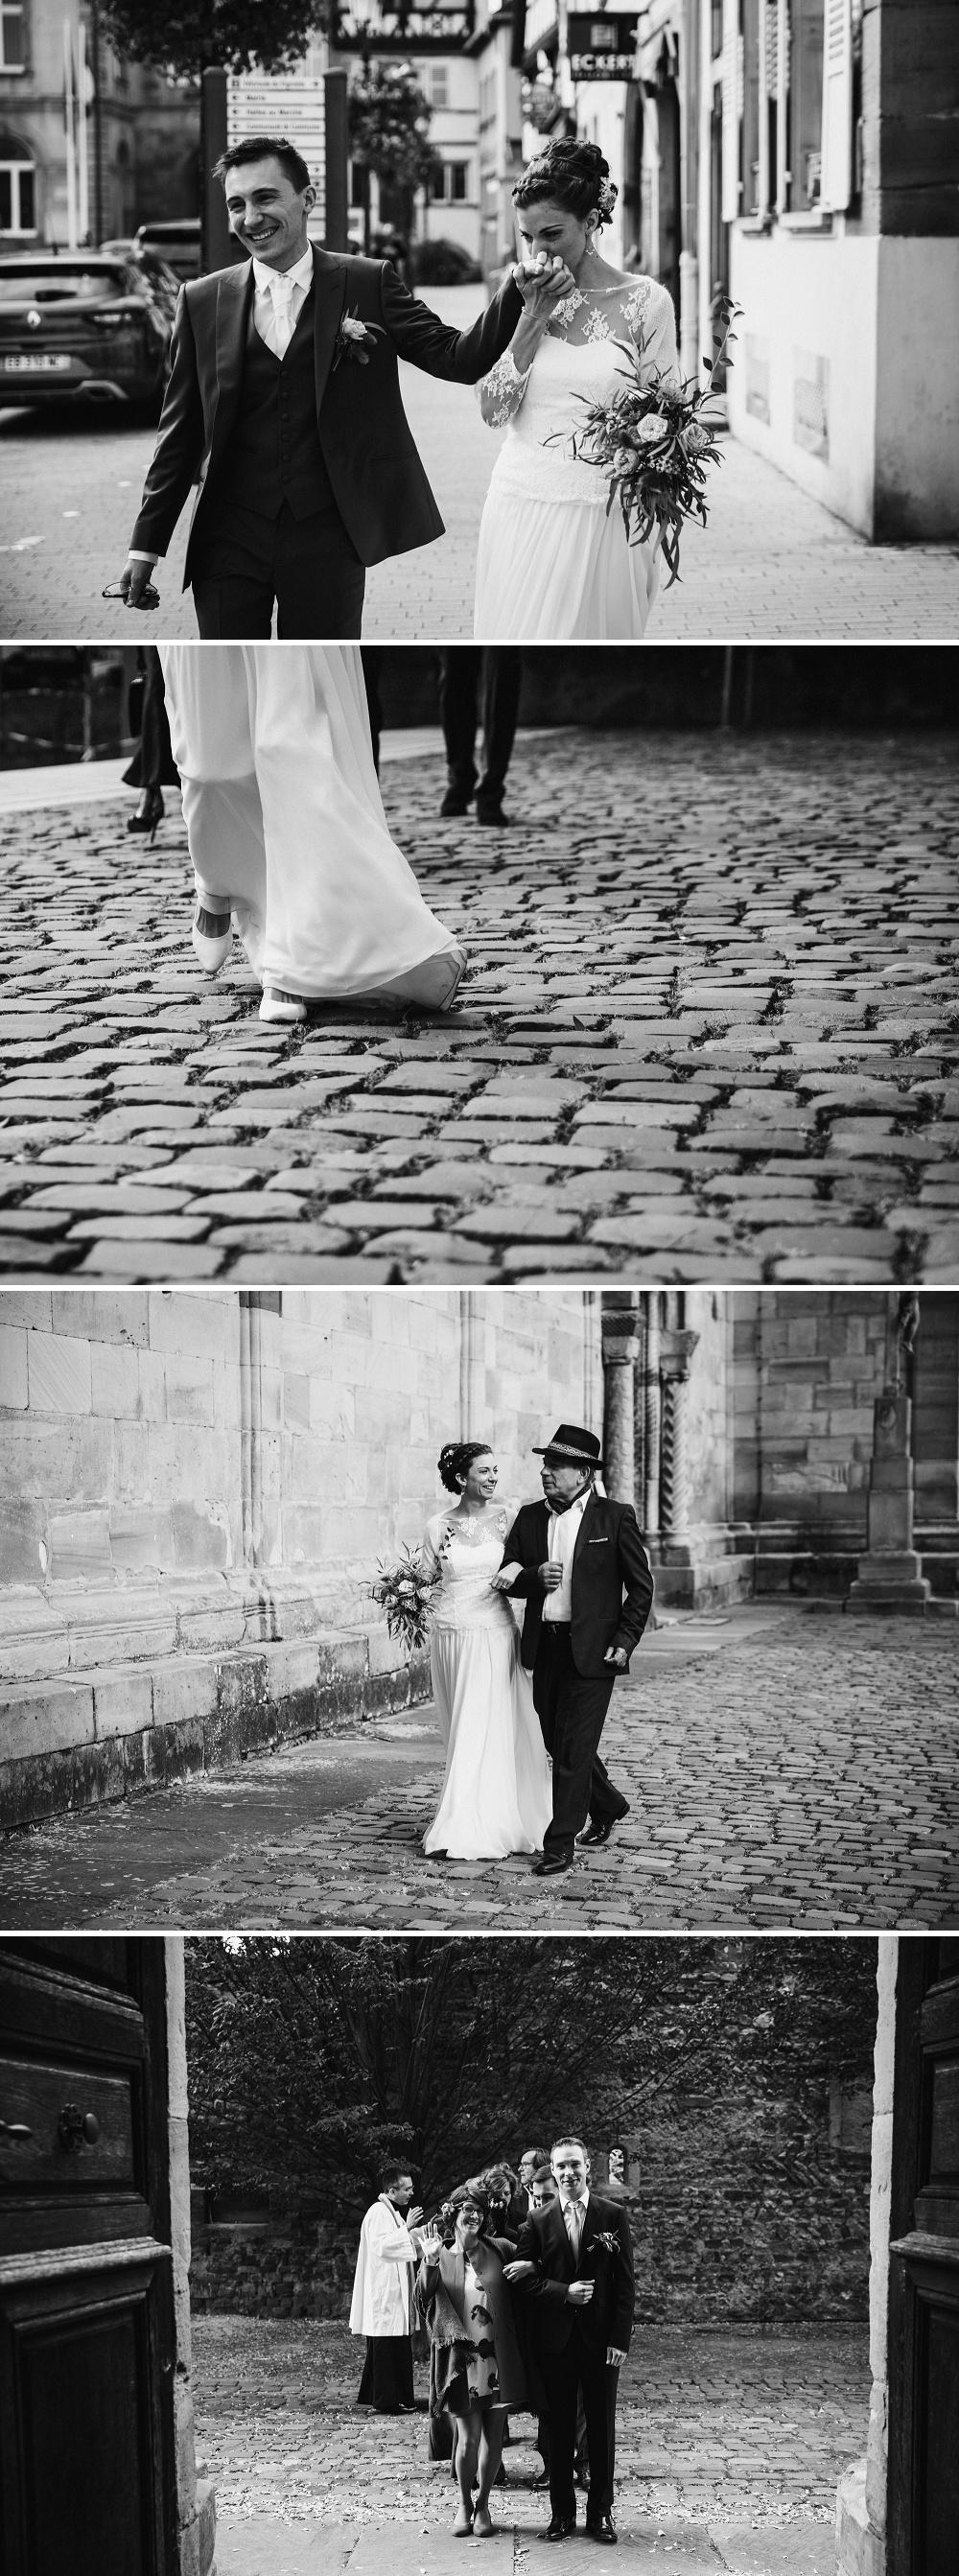 mariage-allemagne-molino-07.jpg